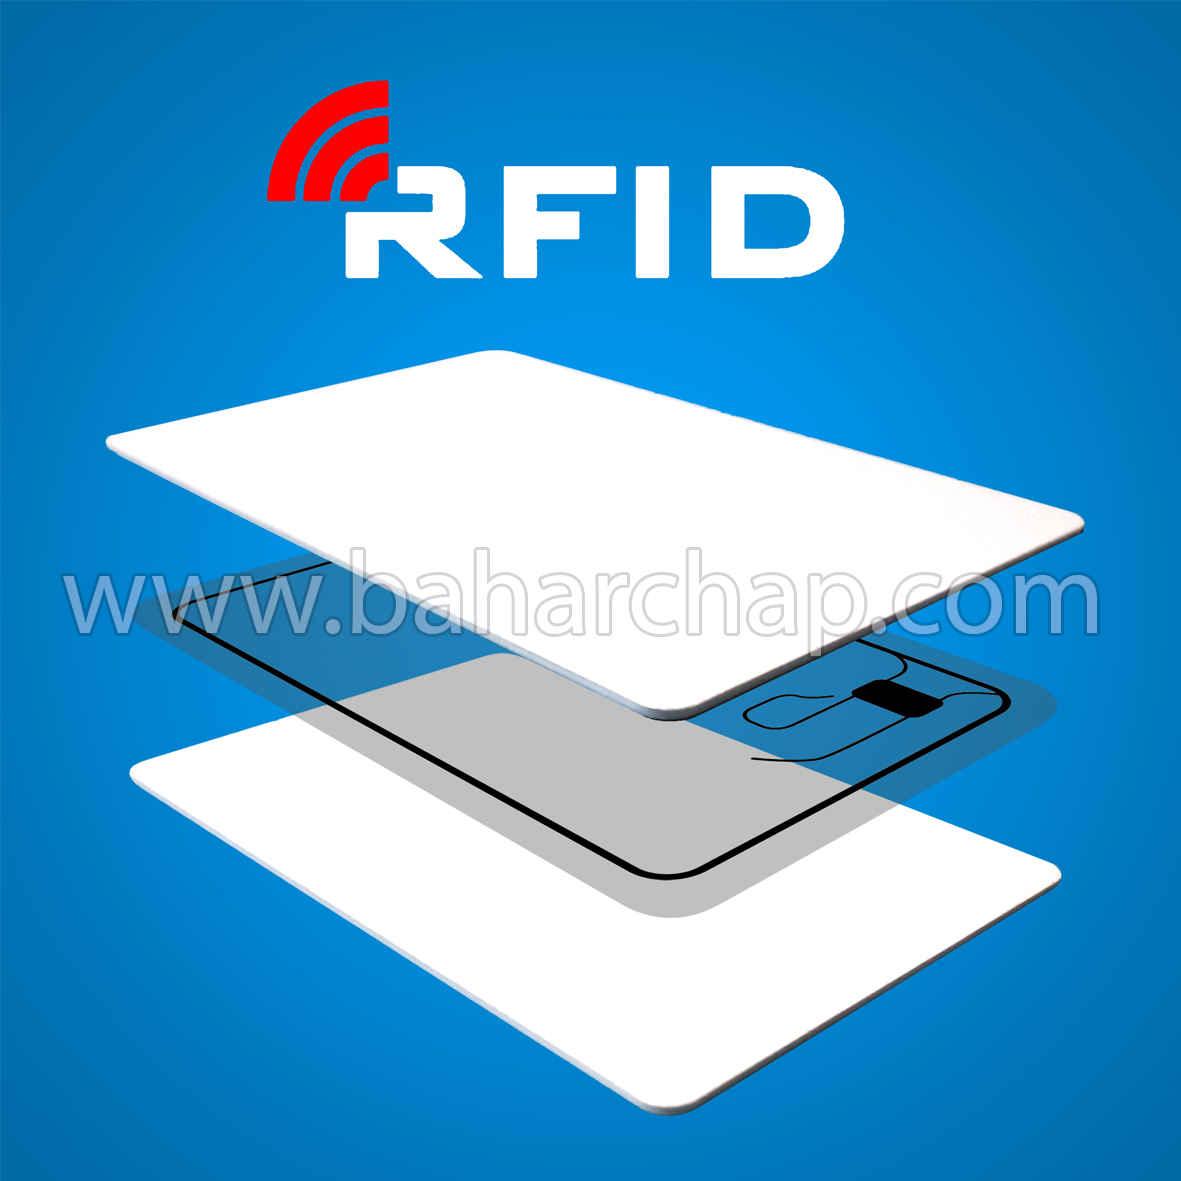 فروشگاه و خدمات اینترنتی بهارچاپ اصفهان-کارت خام pvc (RFID) جوهر افشان-PVC RFID Card 13.56MHZ 1K with Chip